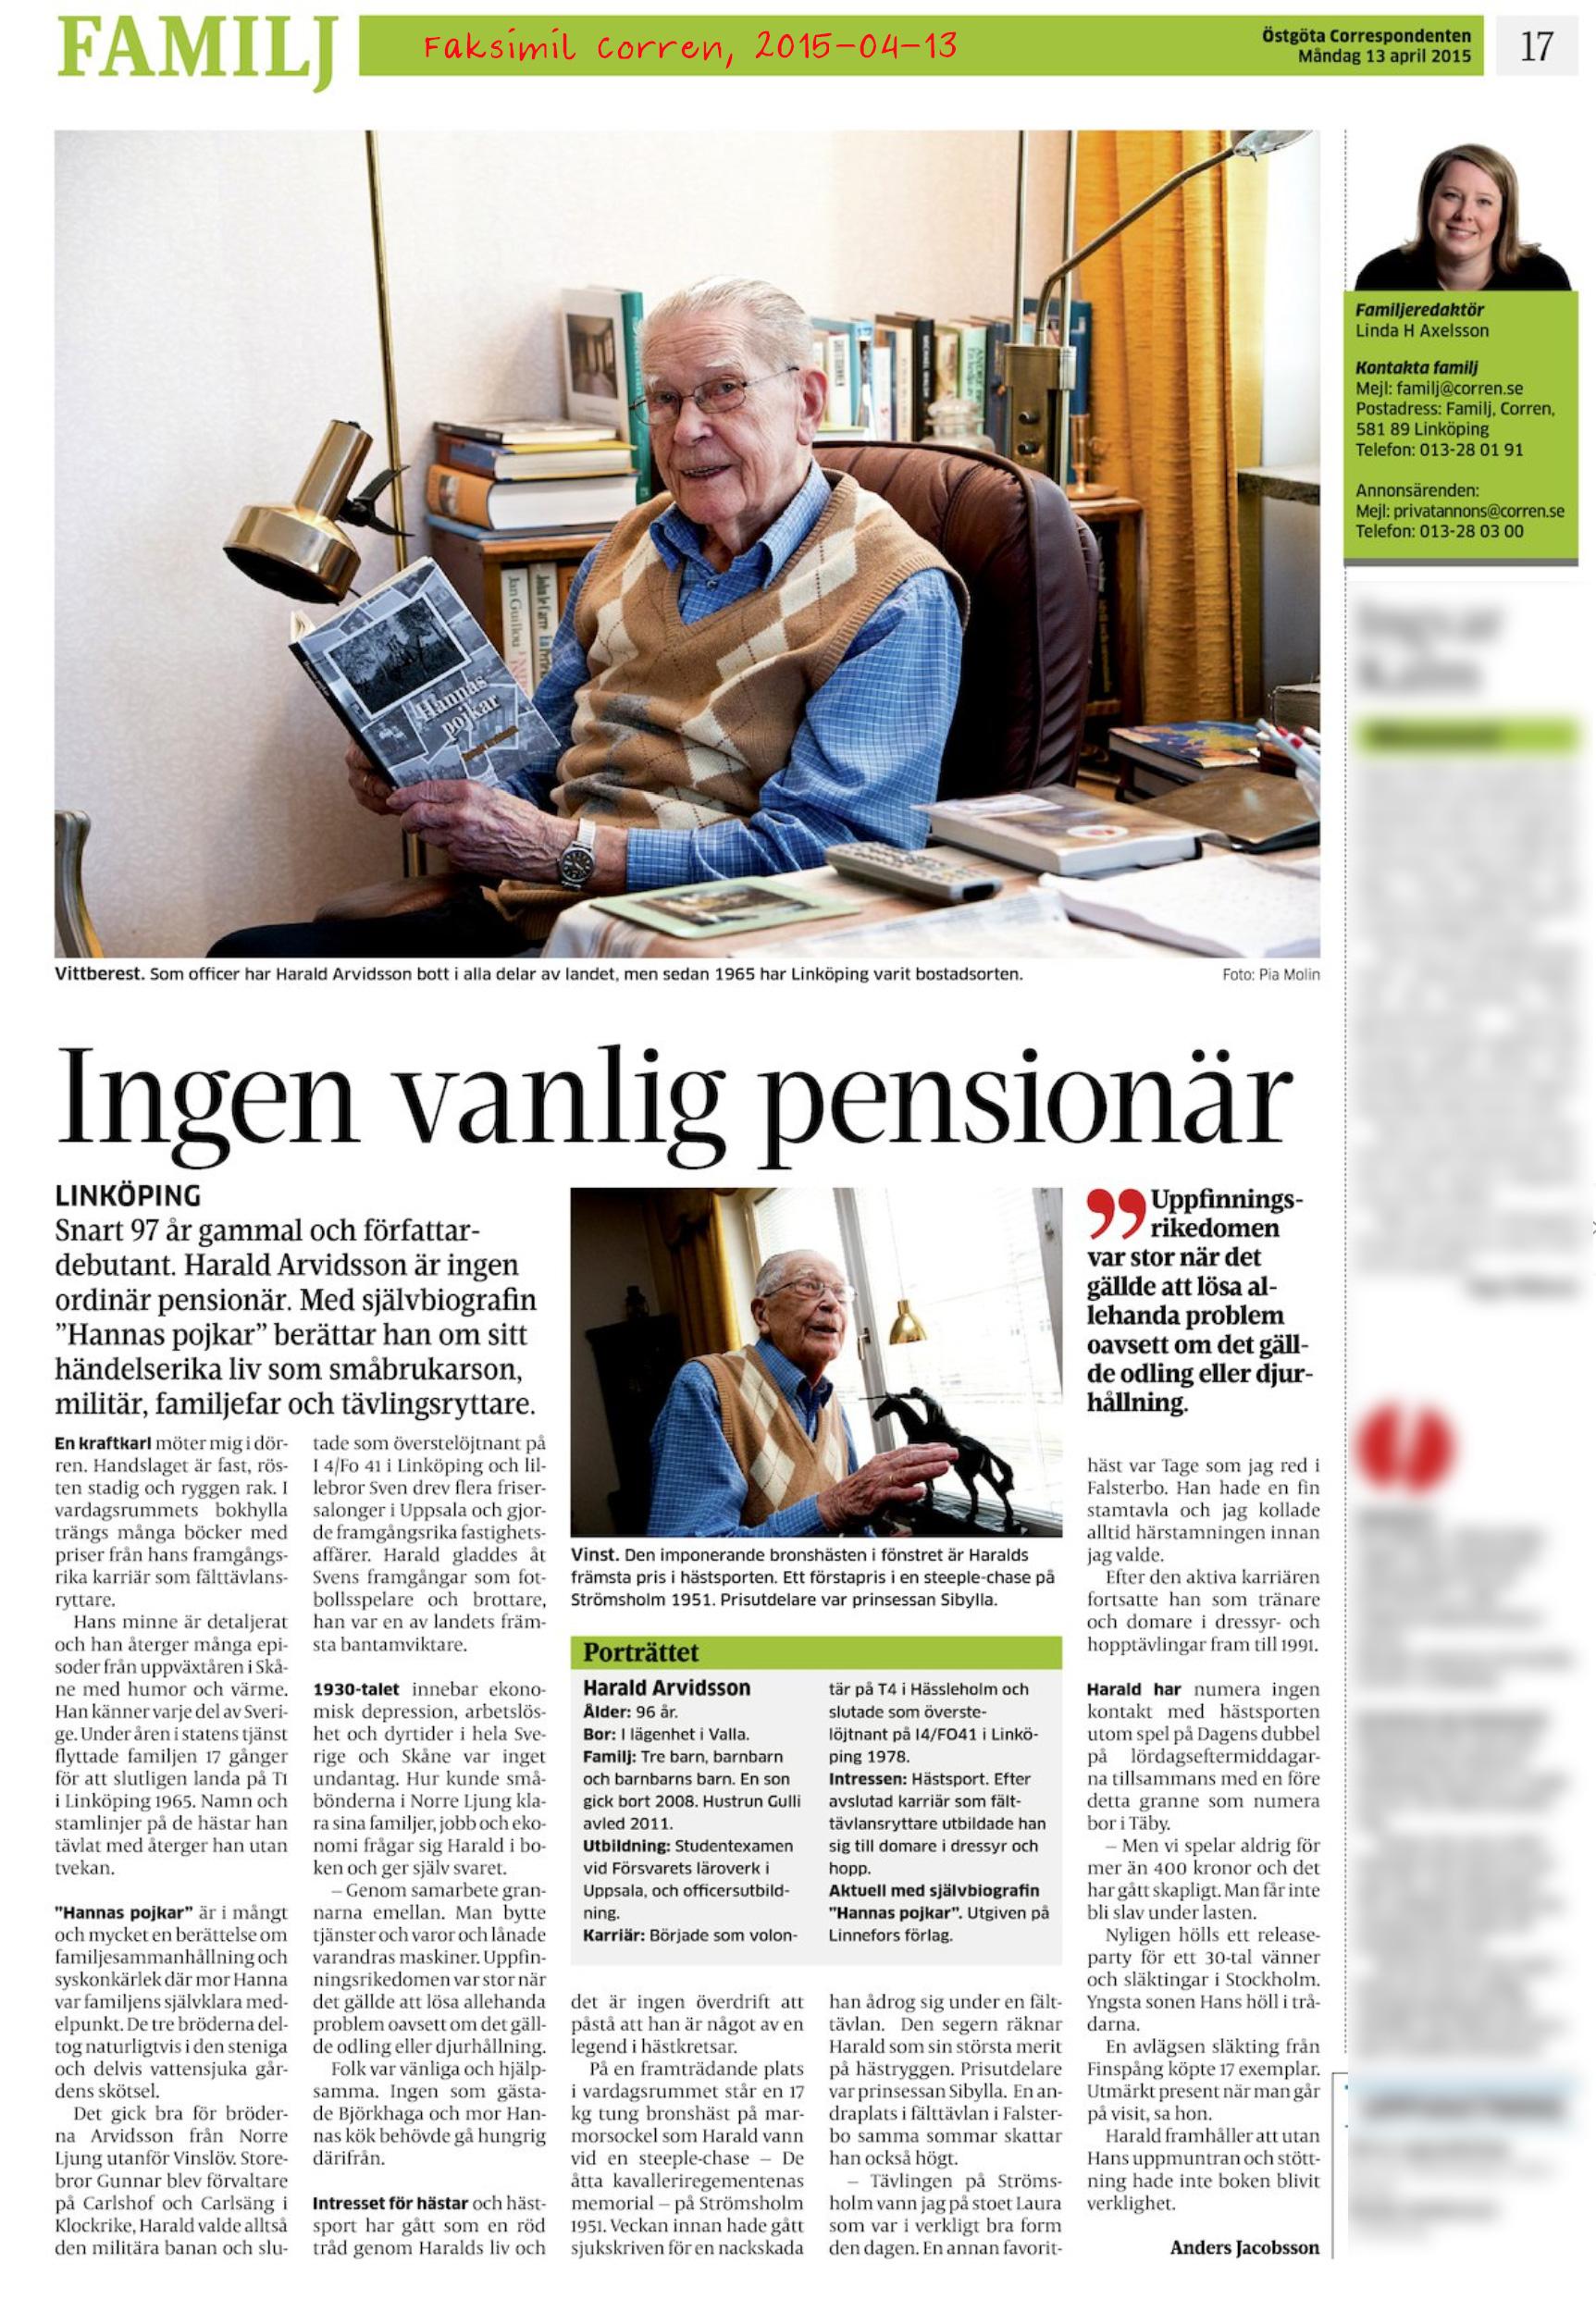 Hannas-Pojkar-Artikel-Corren-2015-04-13